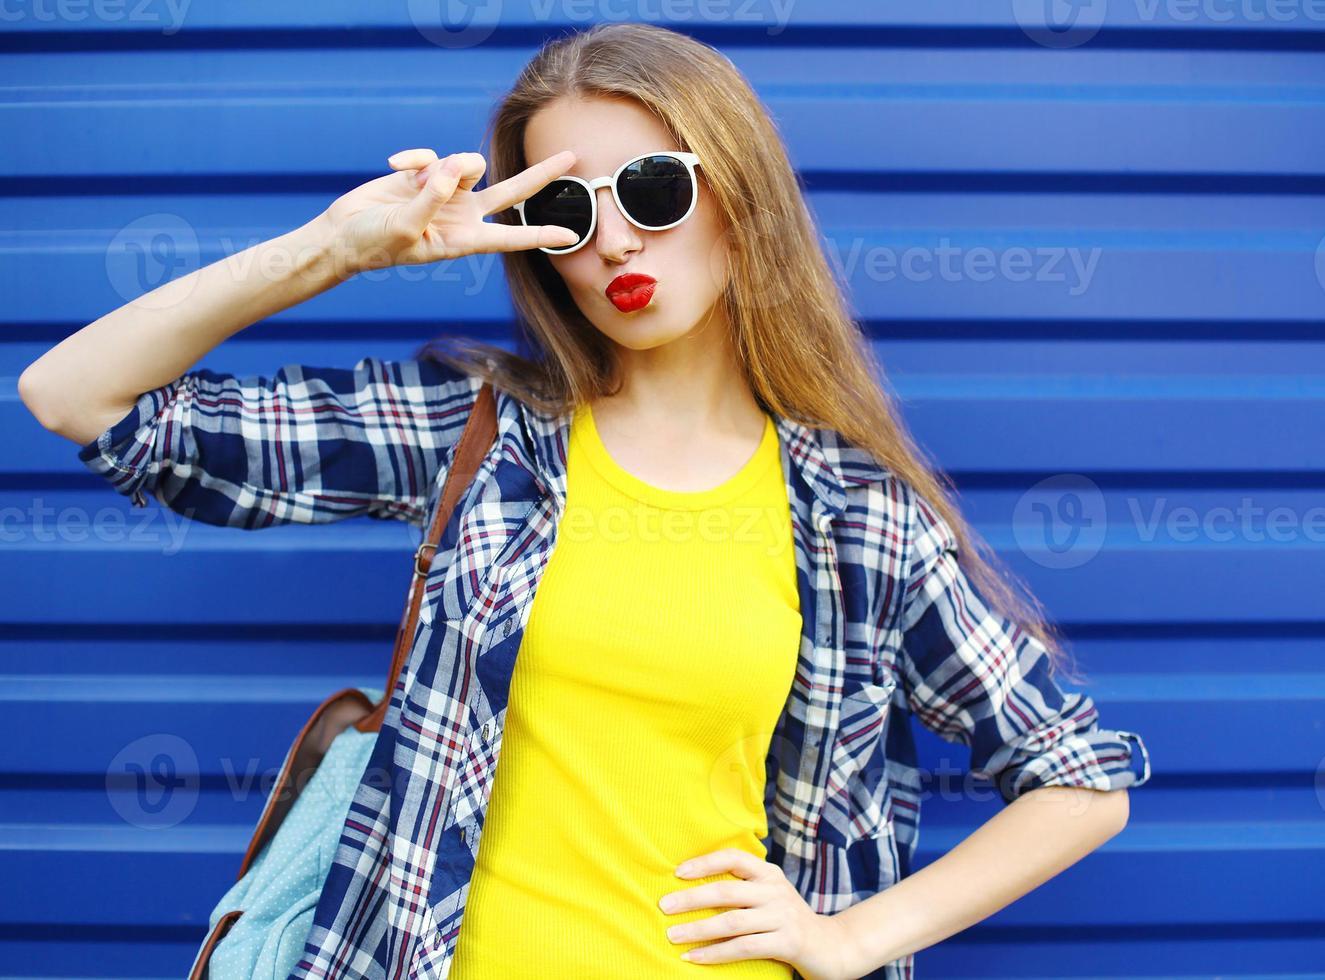 fashion jolie fille portant des vêtements colorés s'amusant photo